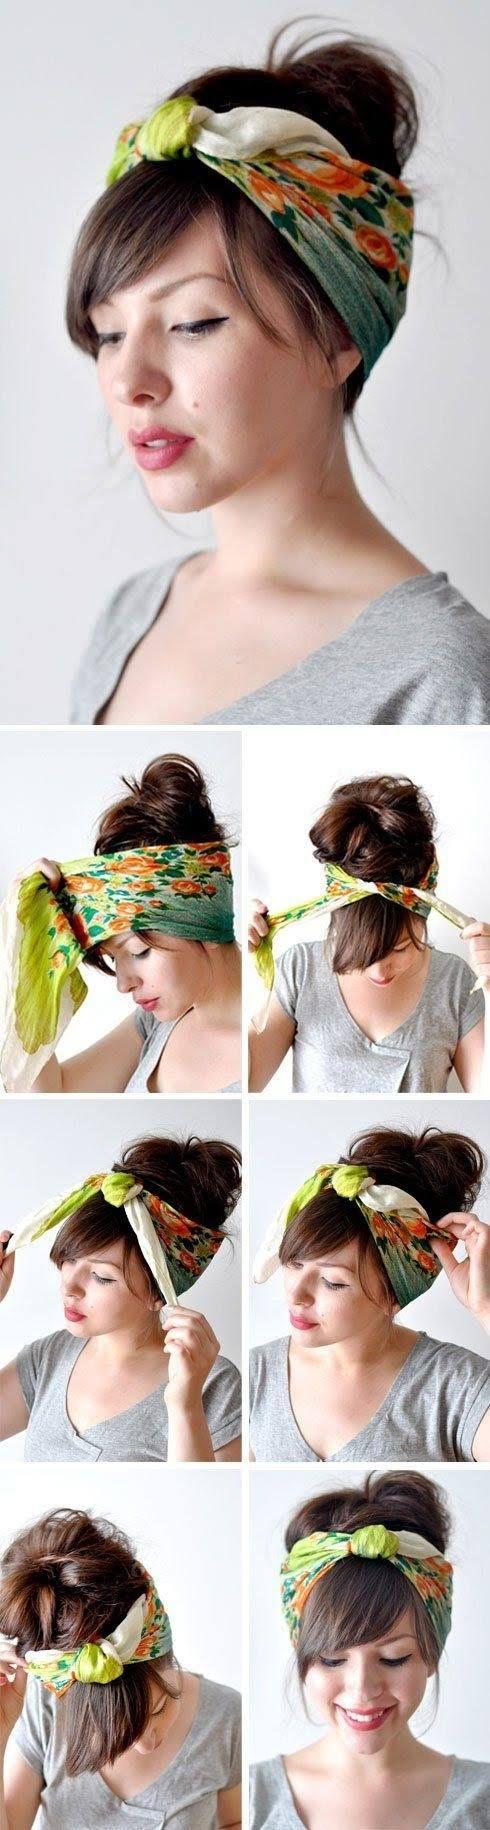 Come creare una fascia per capelli